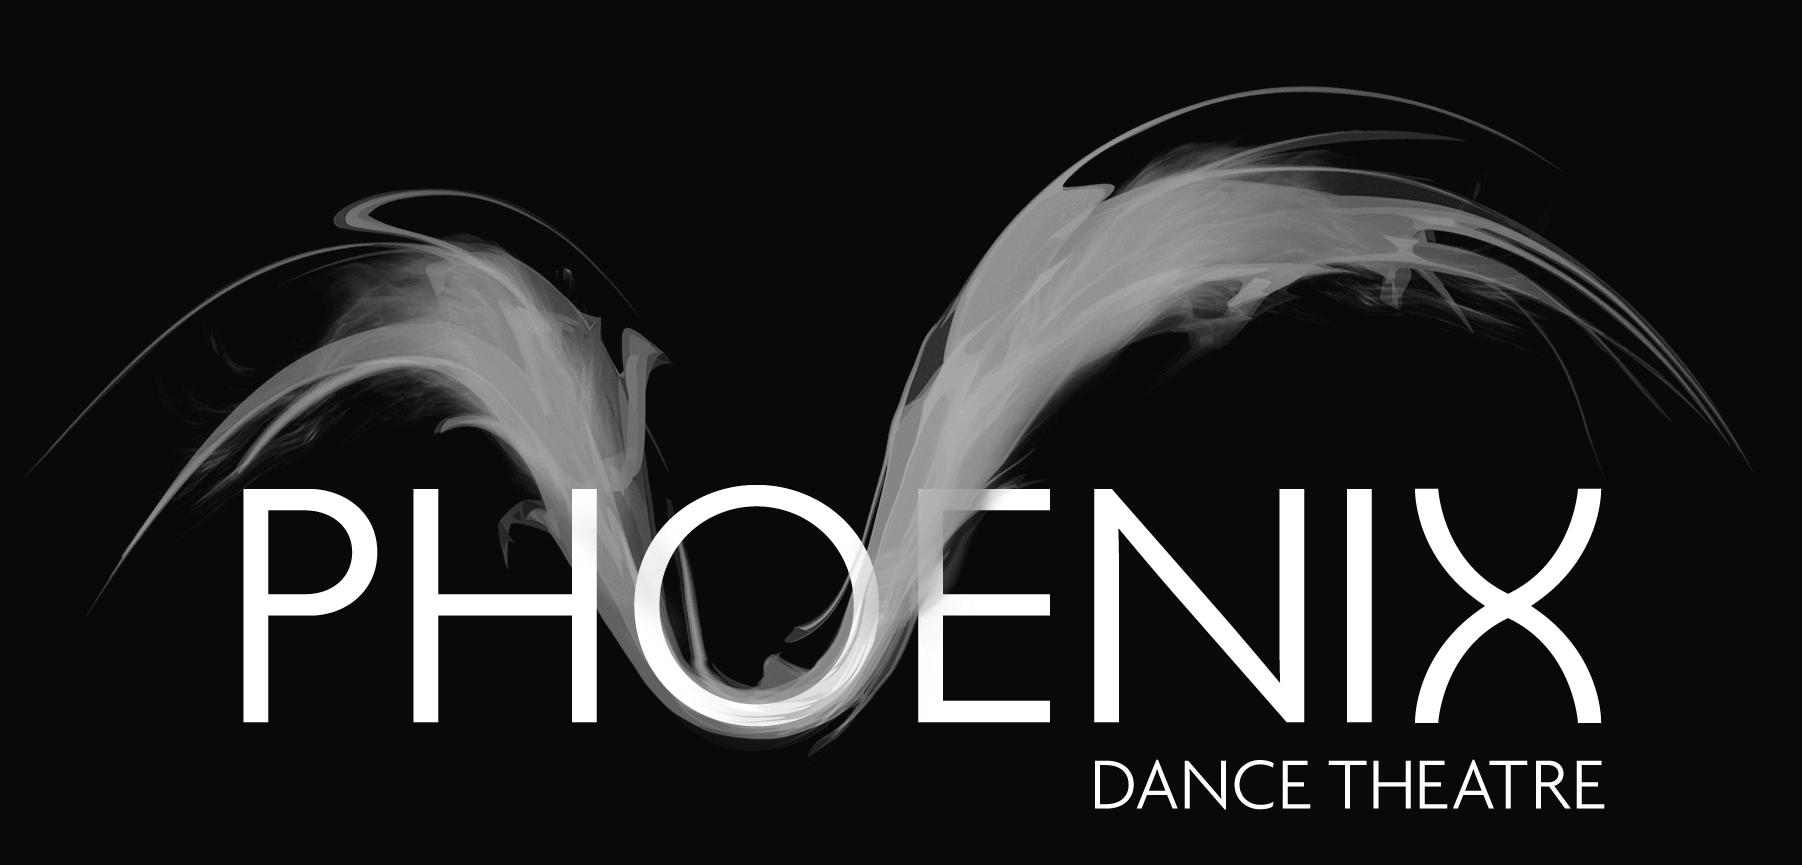 Pheonix Dance Theatre